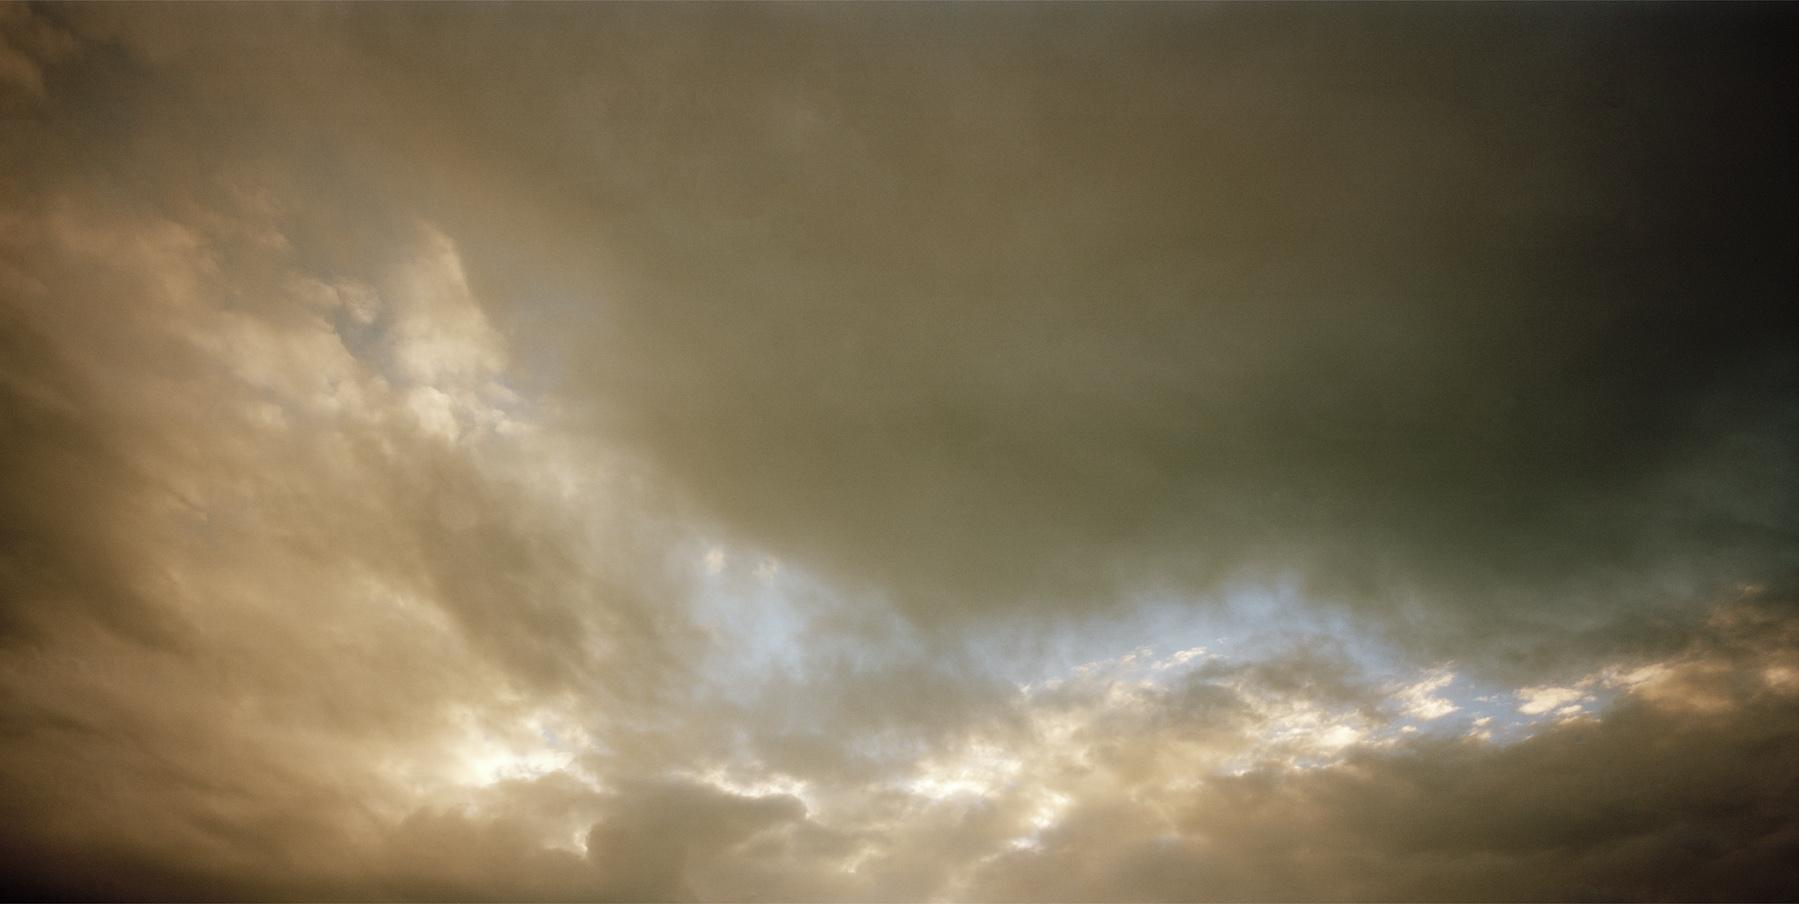 Nuvola2_Chiaramonte